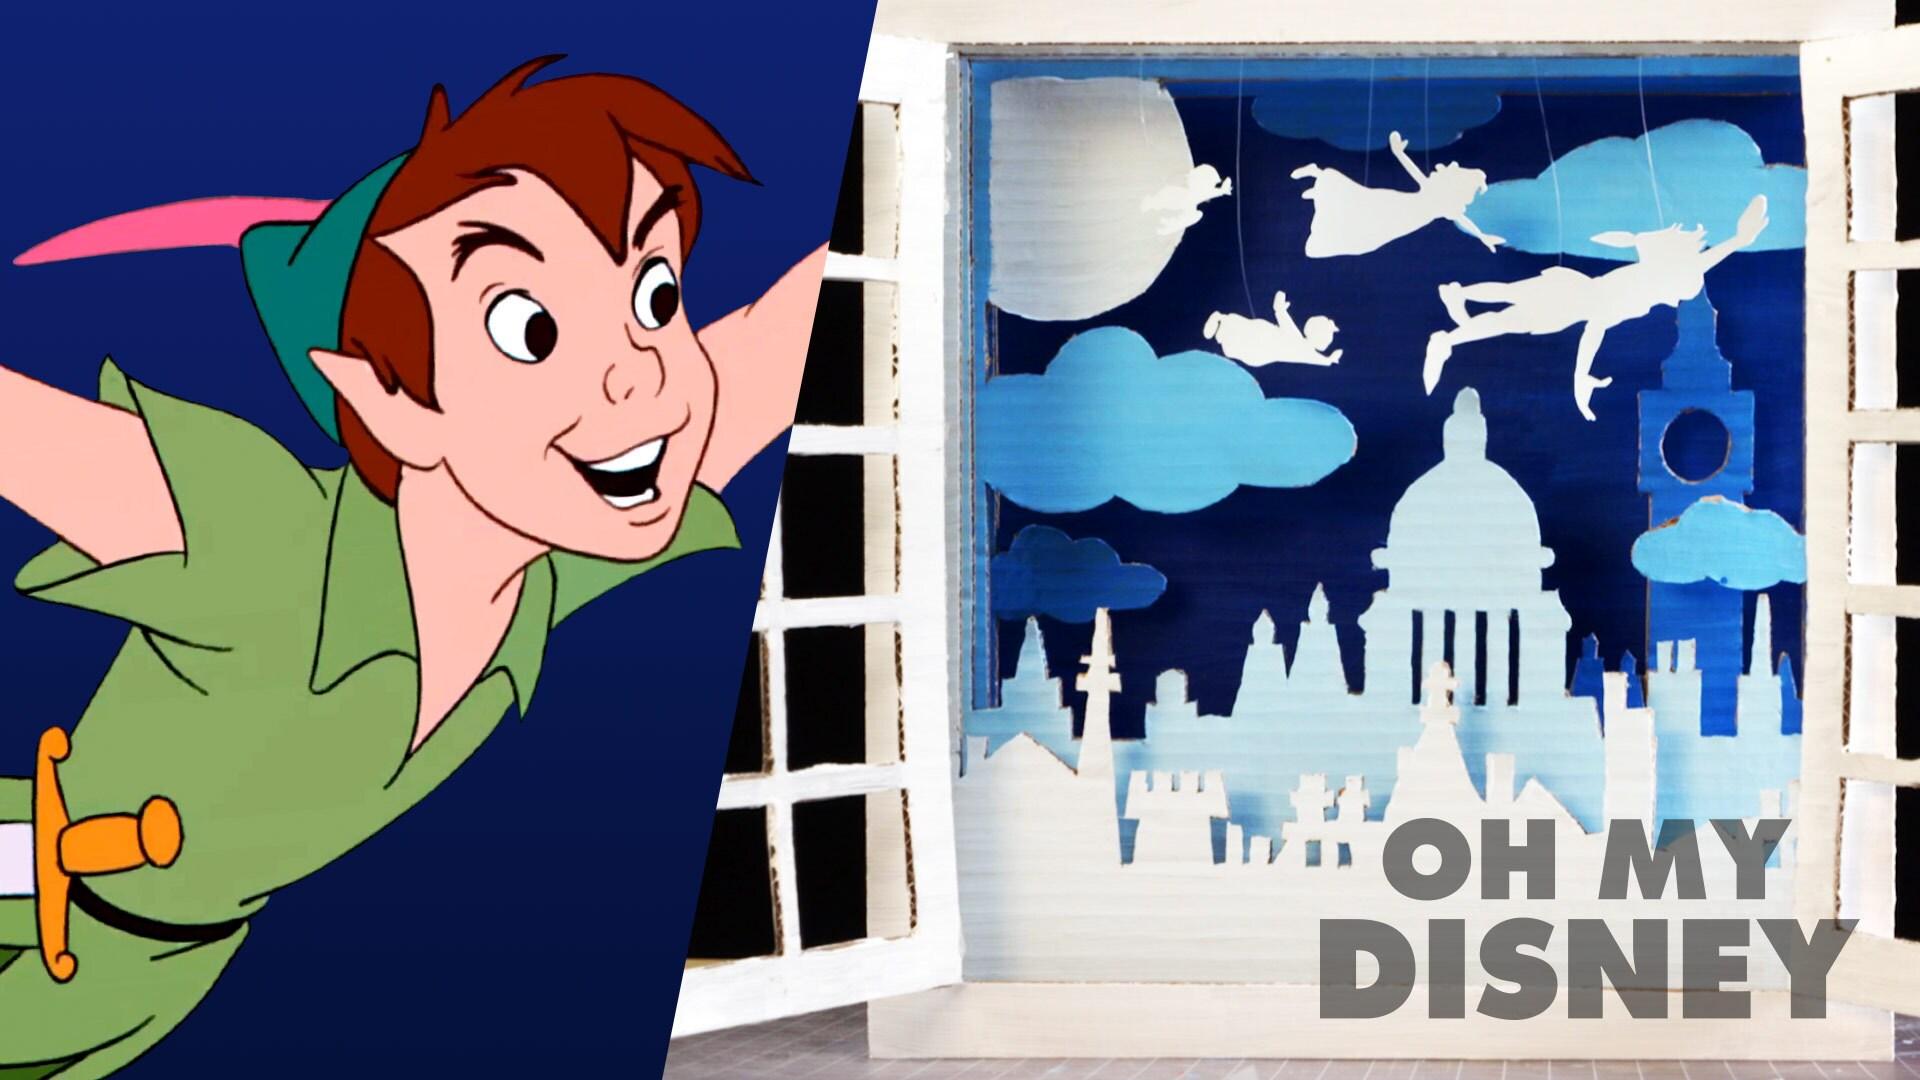 Peter Pan Cardboard Shadow Box Art | Sketchbook by Oh My Disney